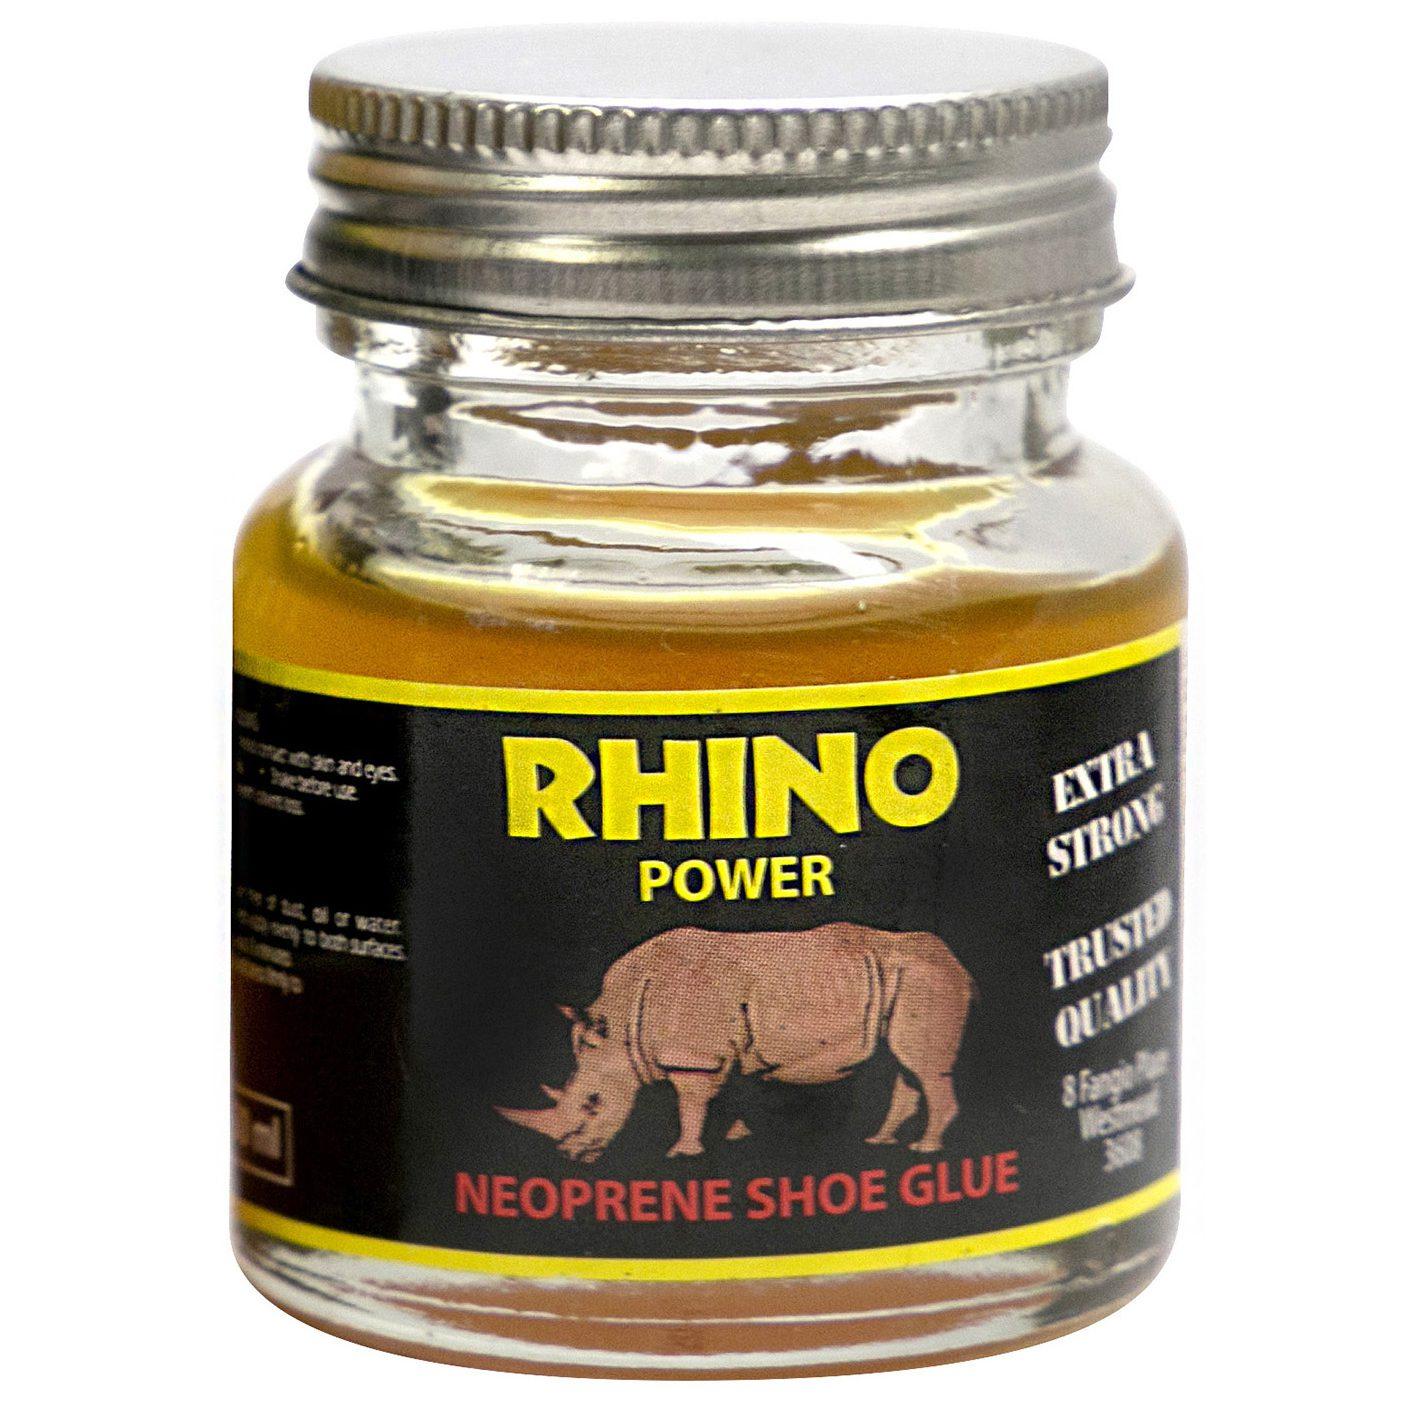 Rhino Power Neoprene Shoe Glue 50ml